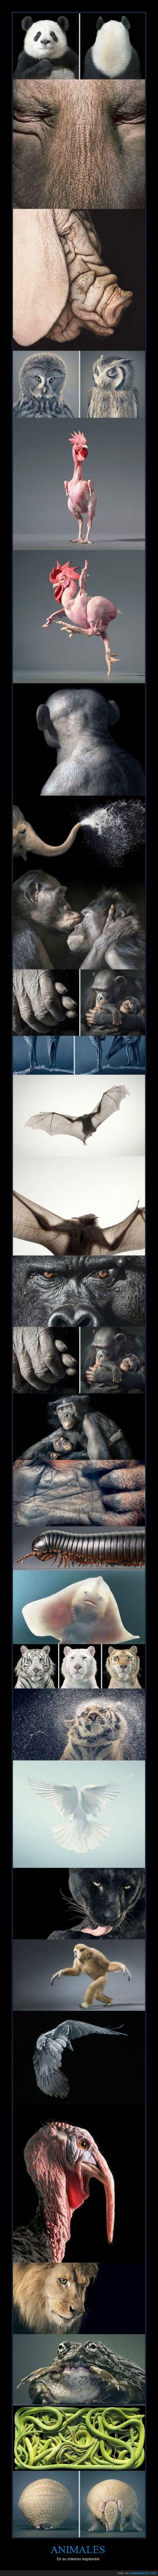 animales,armadillo,fotografias,gorila,impresionante,leon